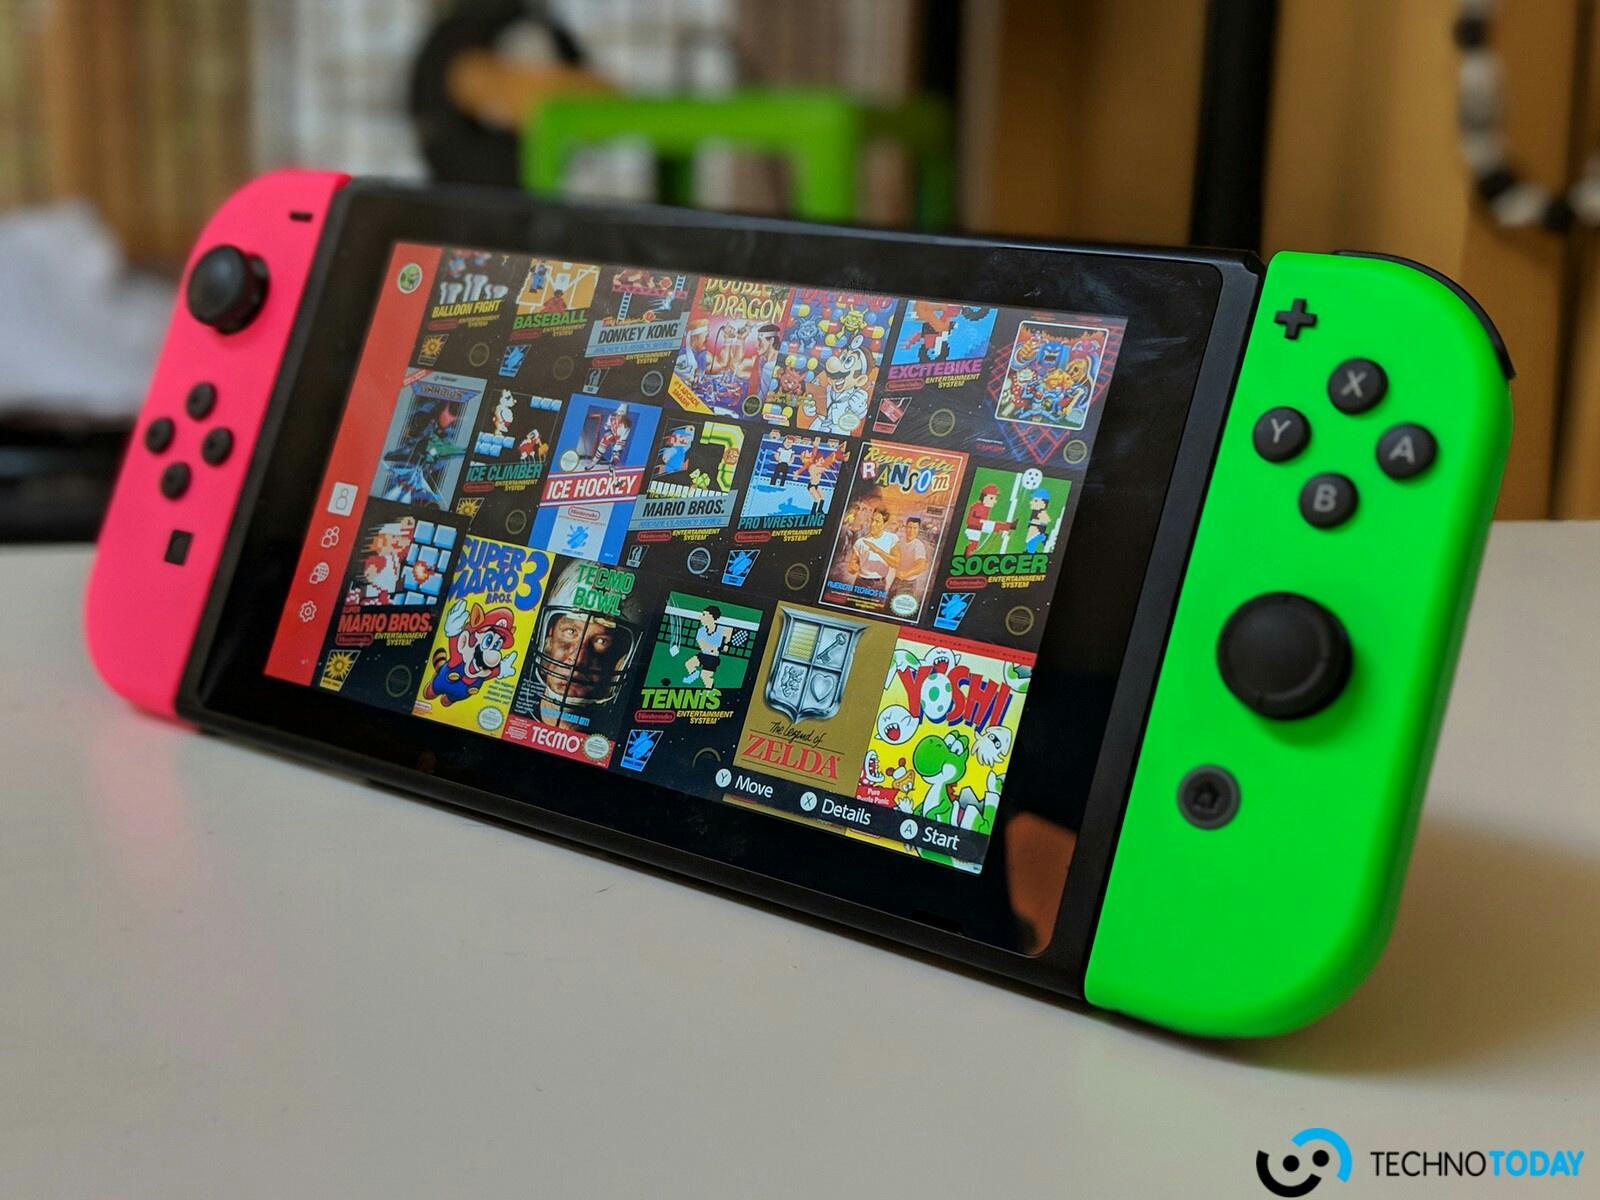 Yeni Nintendo Switch Modeli Ufukta Görünmüyor